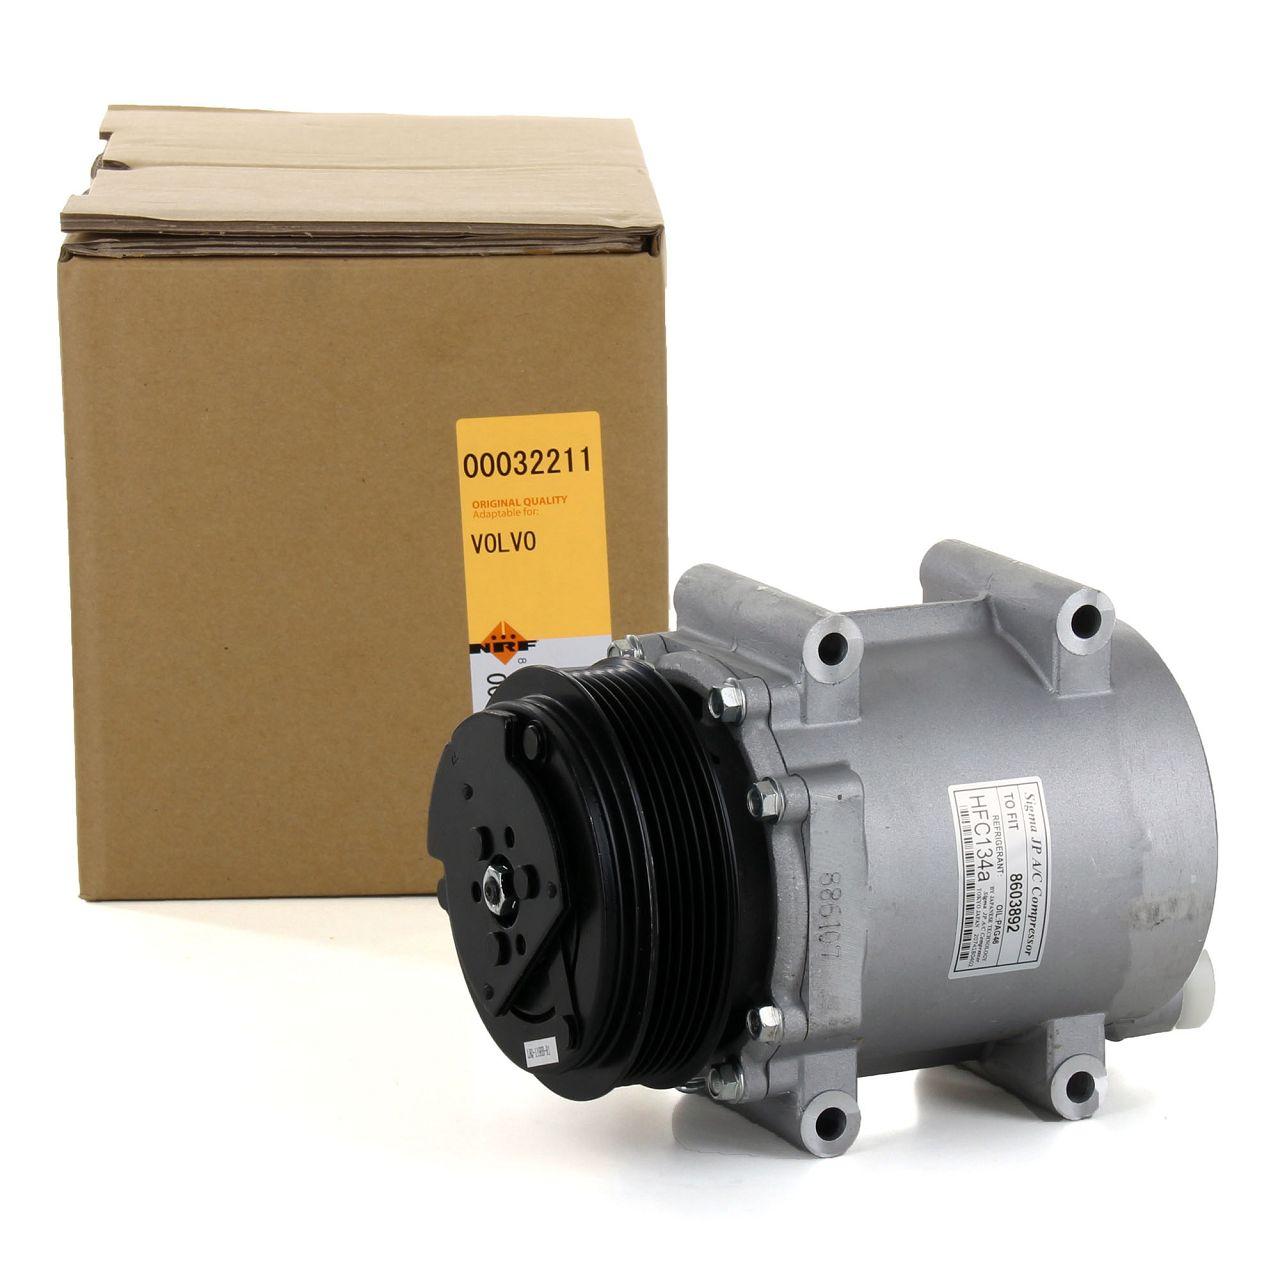 NRF 32211 Kompressor Klimaanlage EASY FIT für VOLVO S60 I S80 I V70 II XC90 I